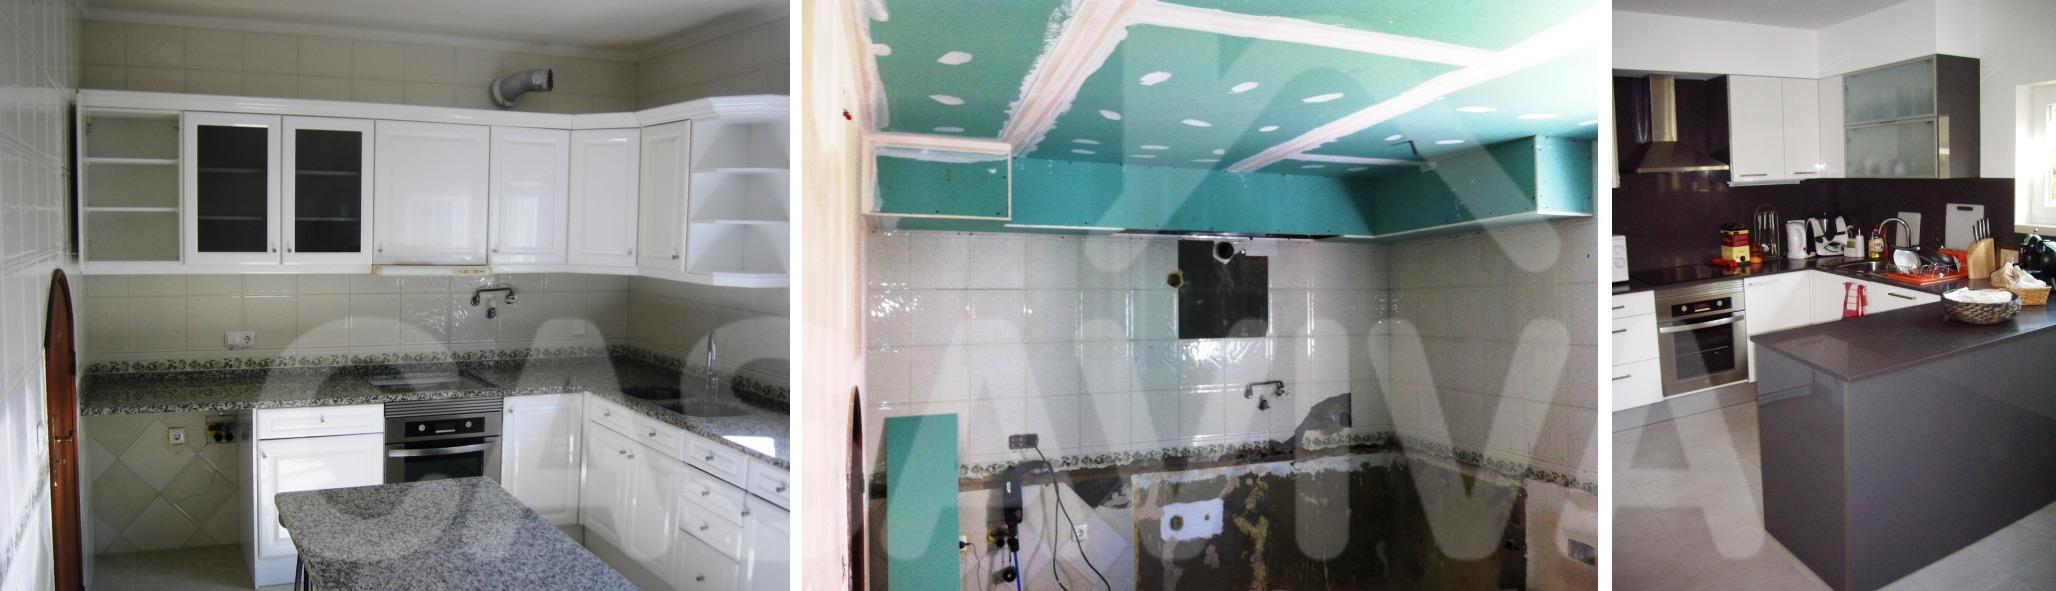 Na cozinha foram colocados novos revestimentos cerâmicos e placas de isolamento em Pladur.